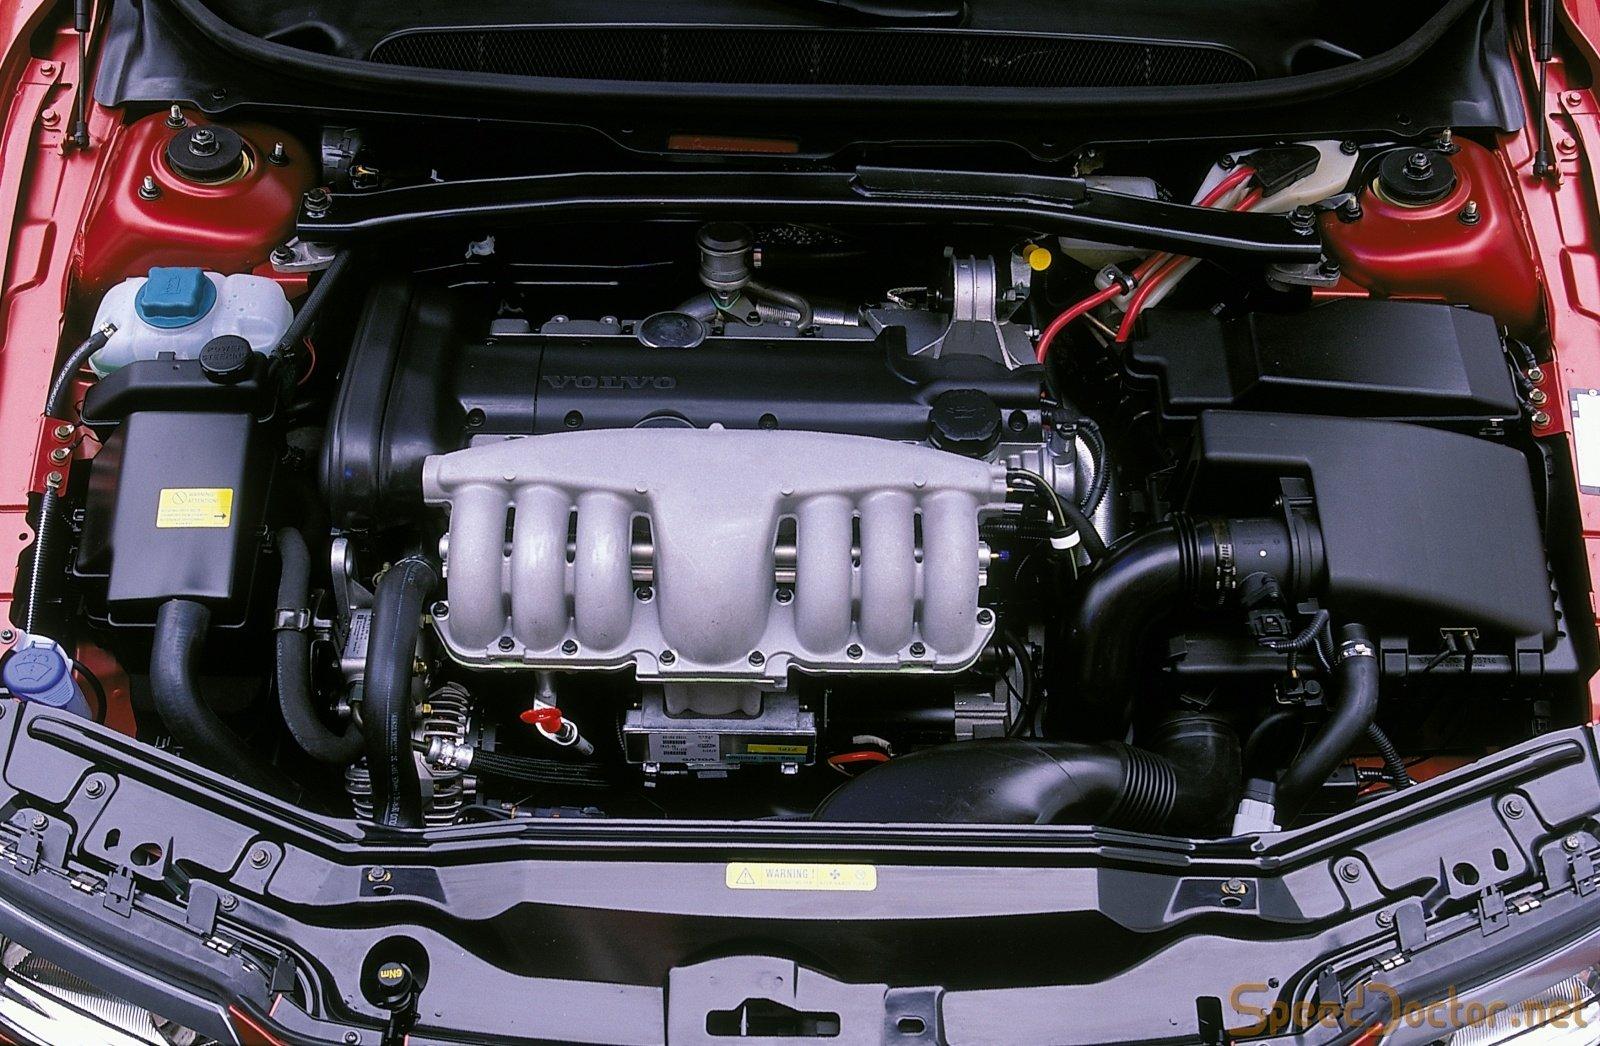 2000 volvo s80 engine diagram 2003 ford escape radio wiring os motores com as configurações mais inusitadas da